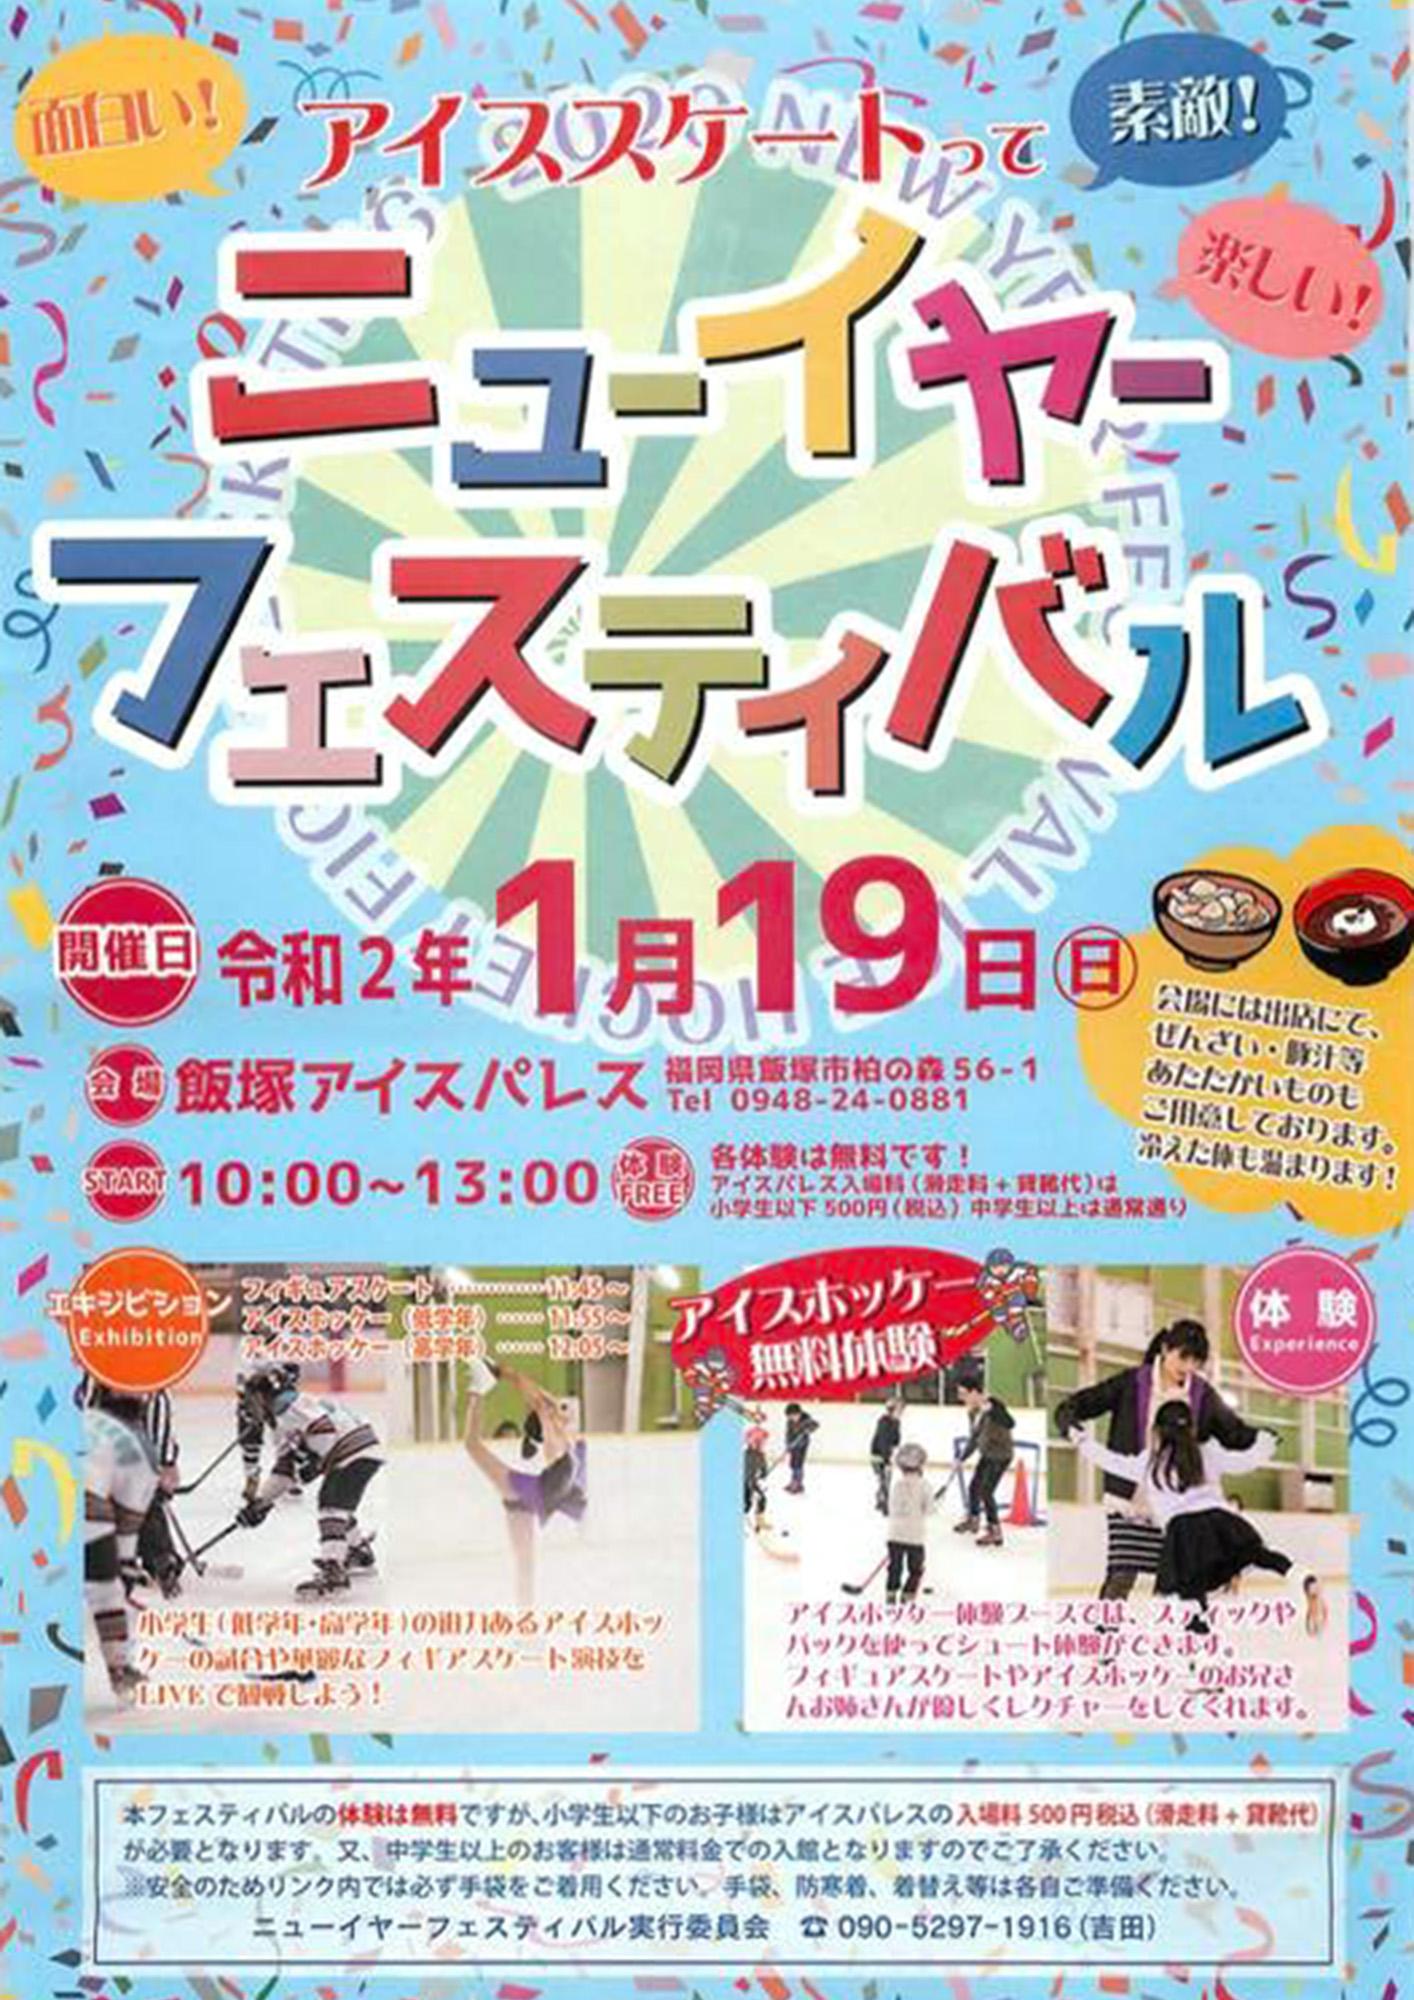 飯塚アイスパレス ニューイヤーフェスティバル 2020